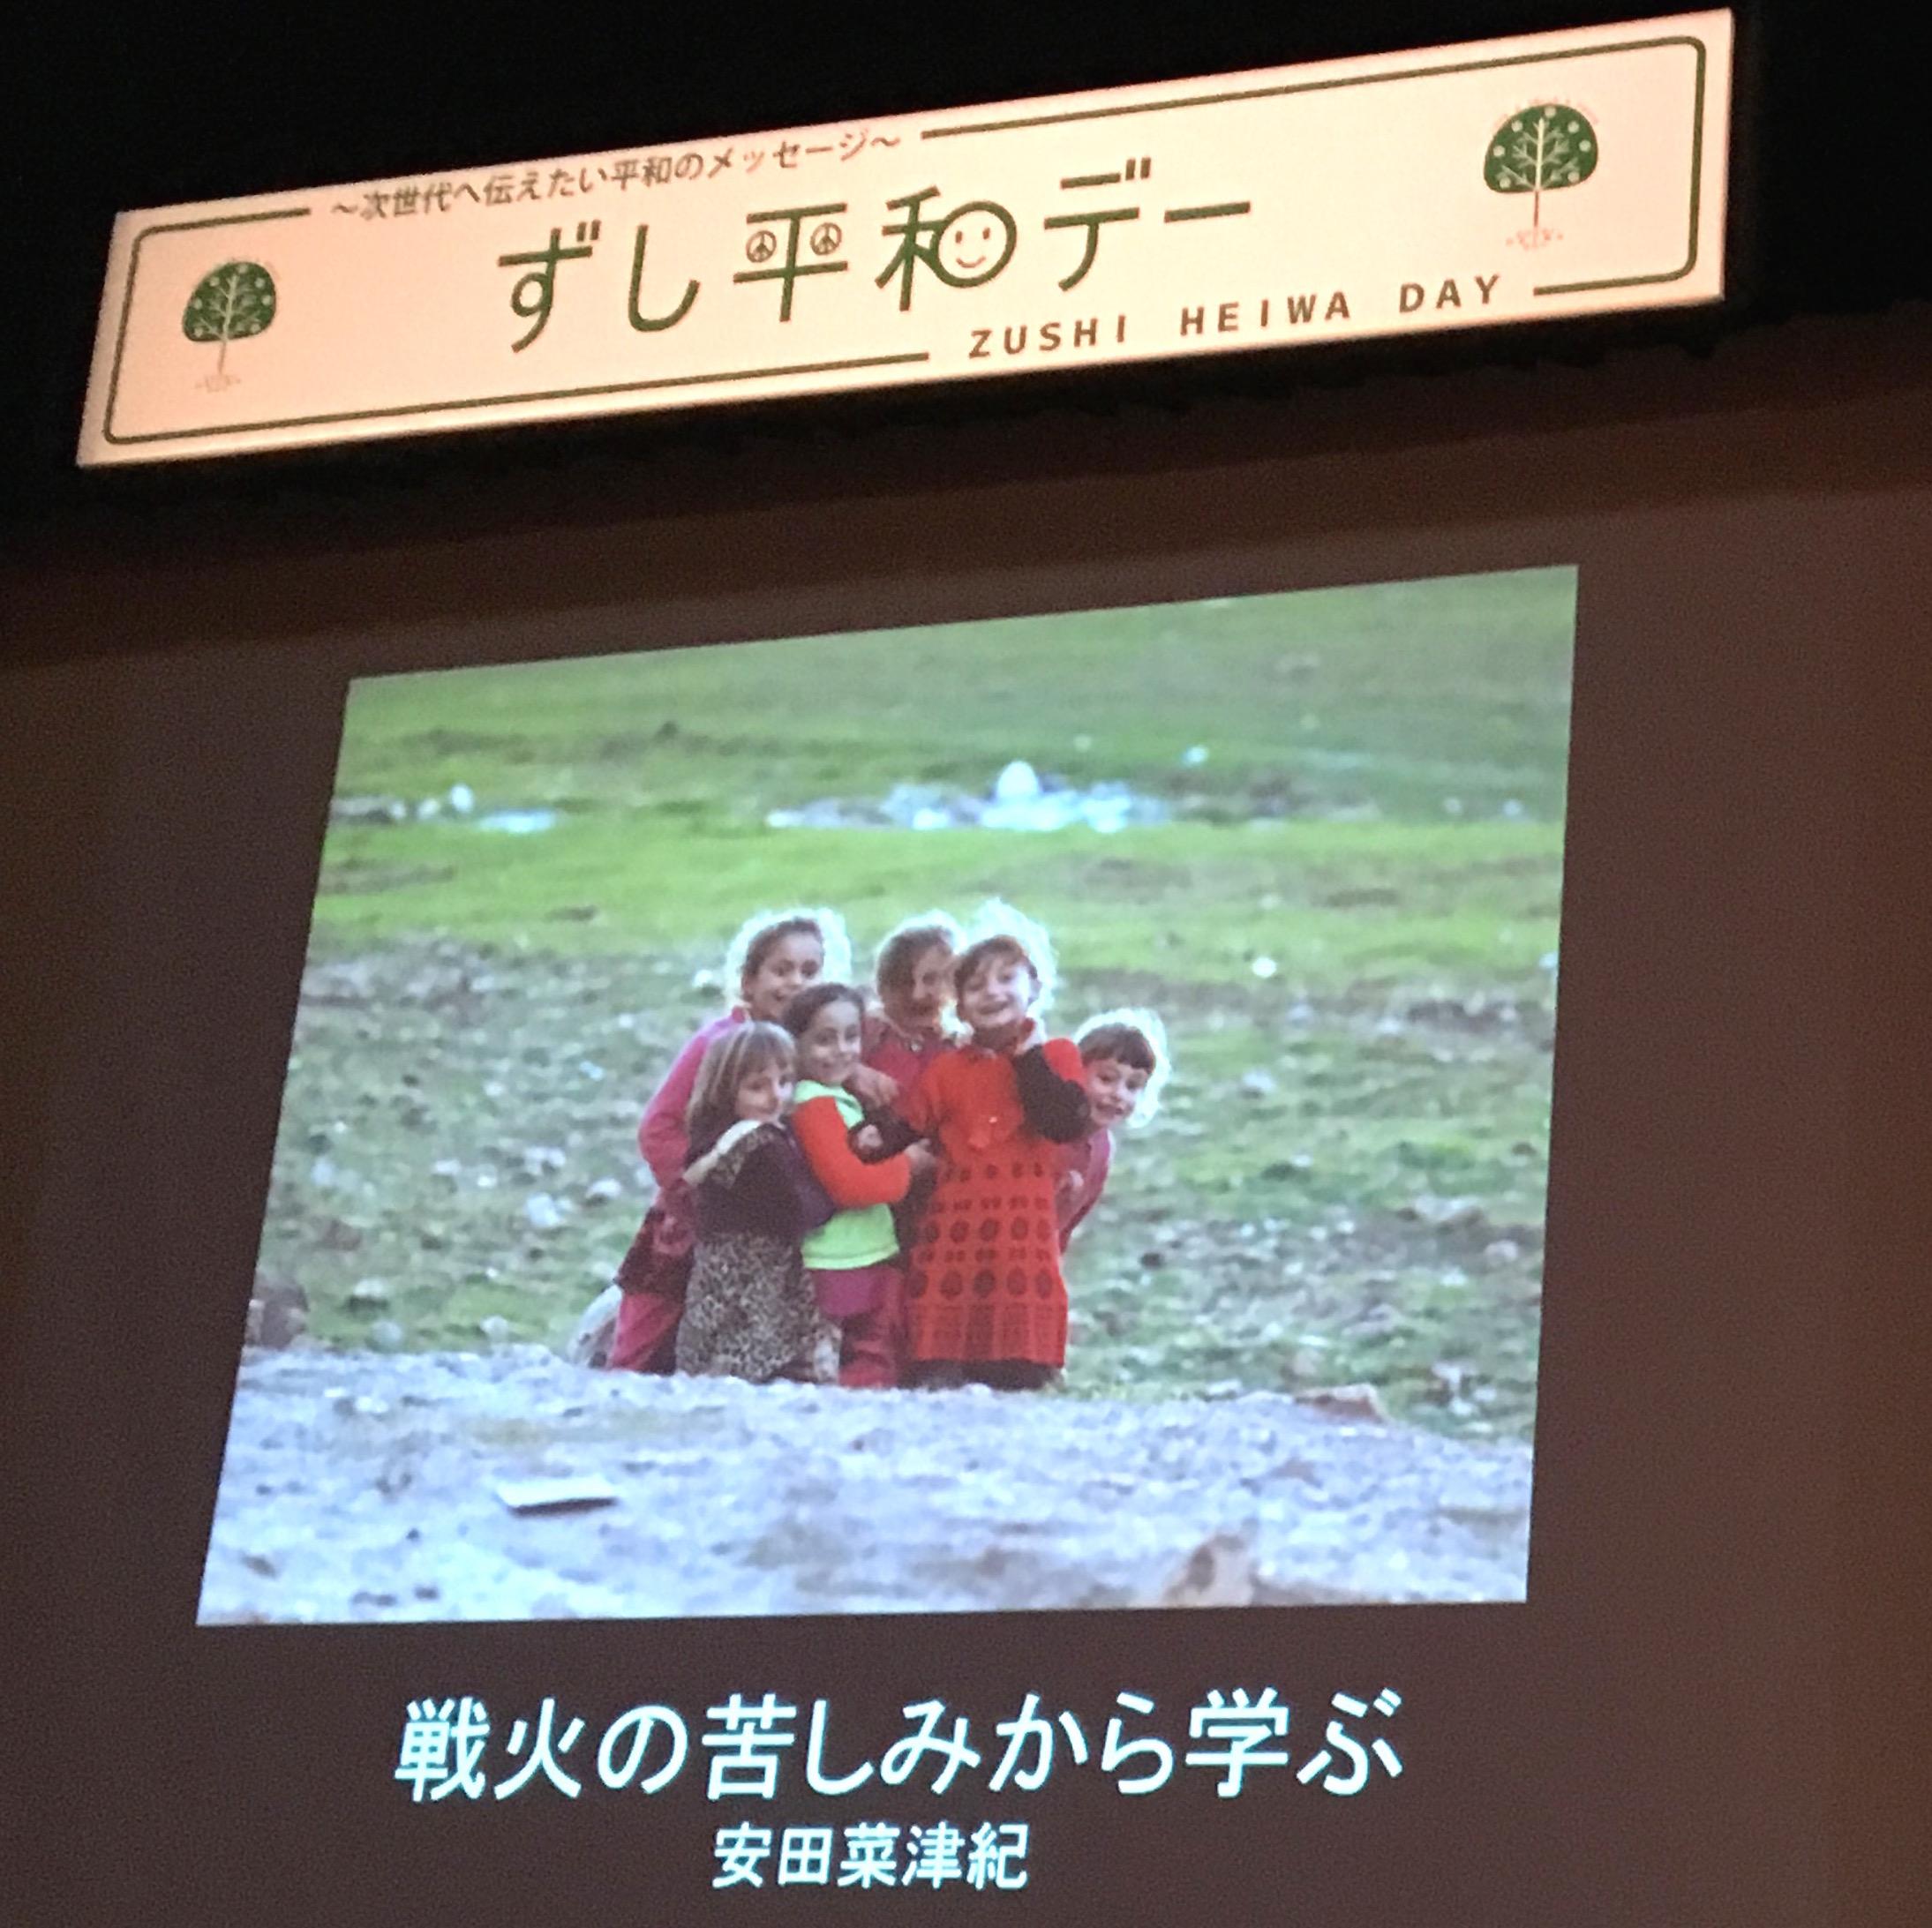 フォトジャーナリスト・安田菜津紀さん講演会